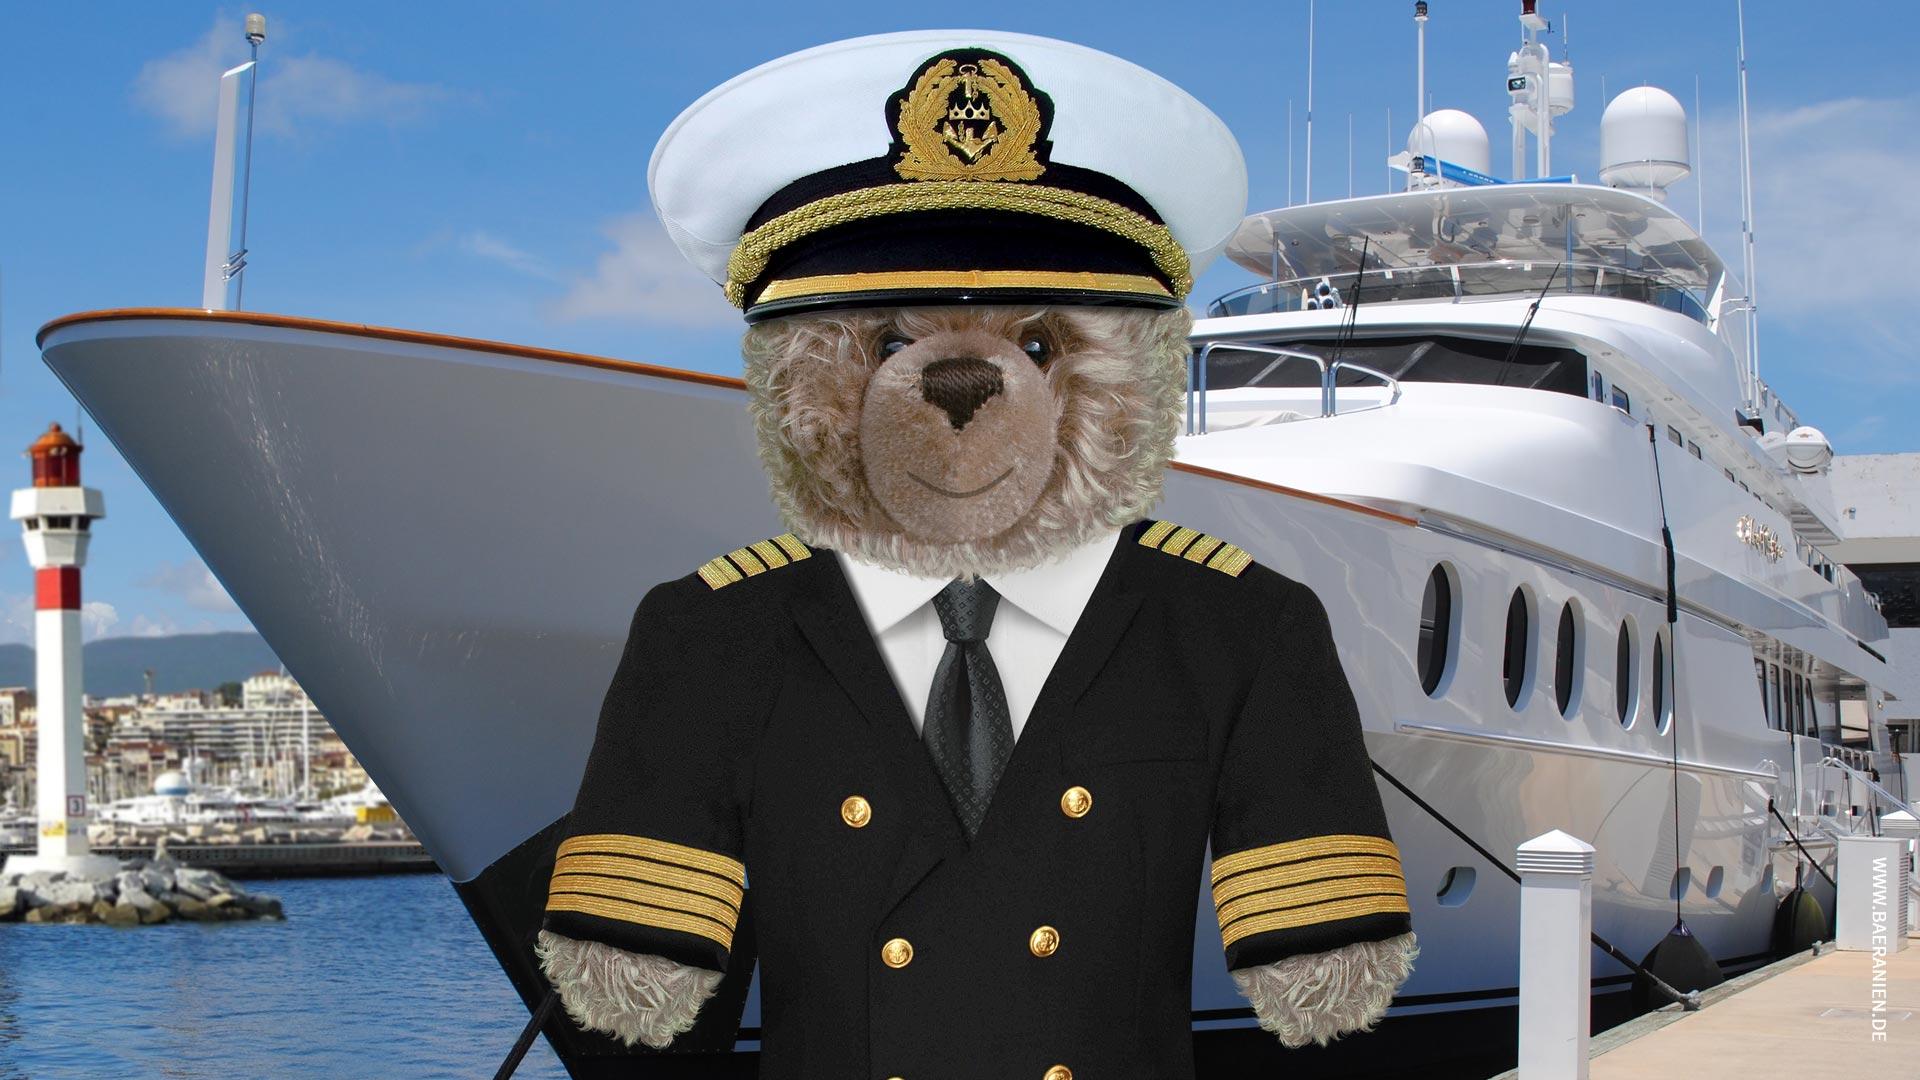 Teddybär-König Opa besucht die Cannes Filmfestspiele